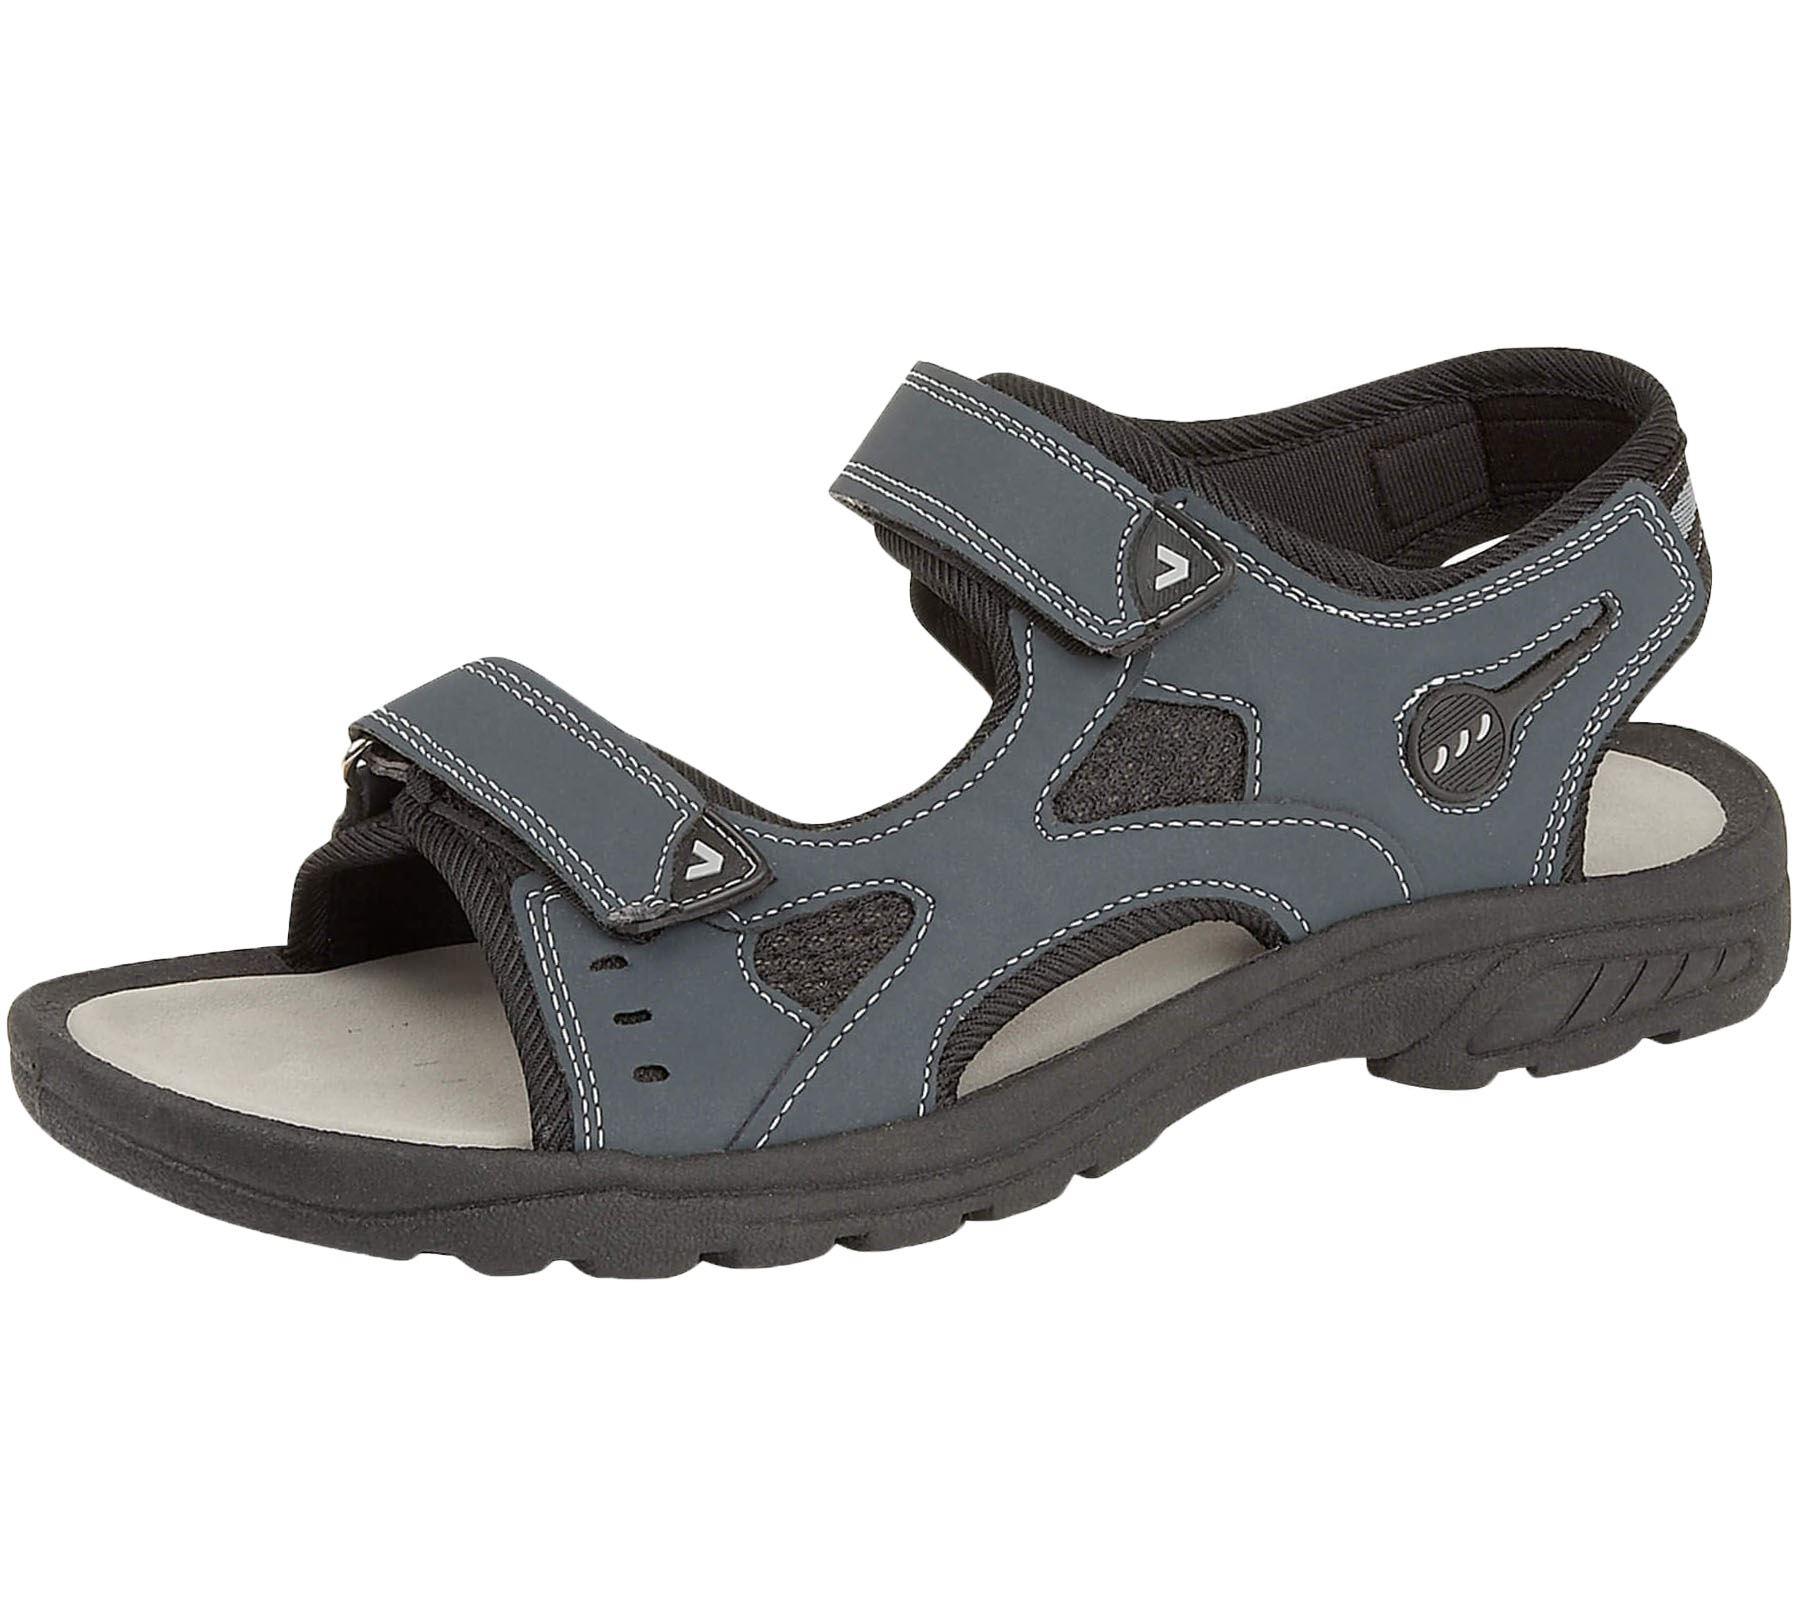 Mens-Sandals-Summer-Beach-Casual-Syenthatic-Sandals miniatura 16